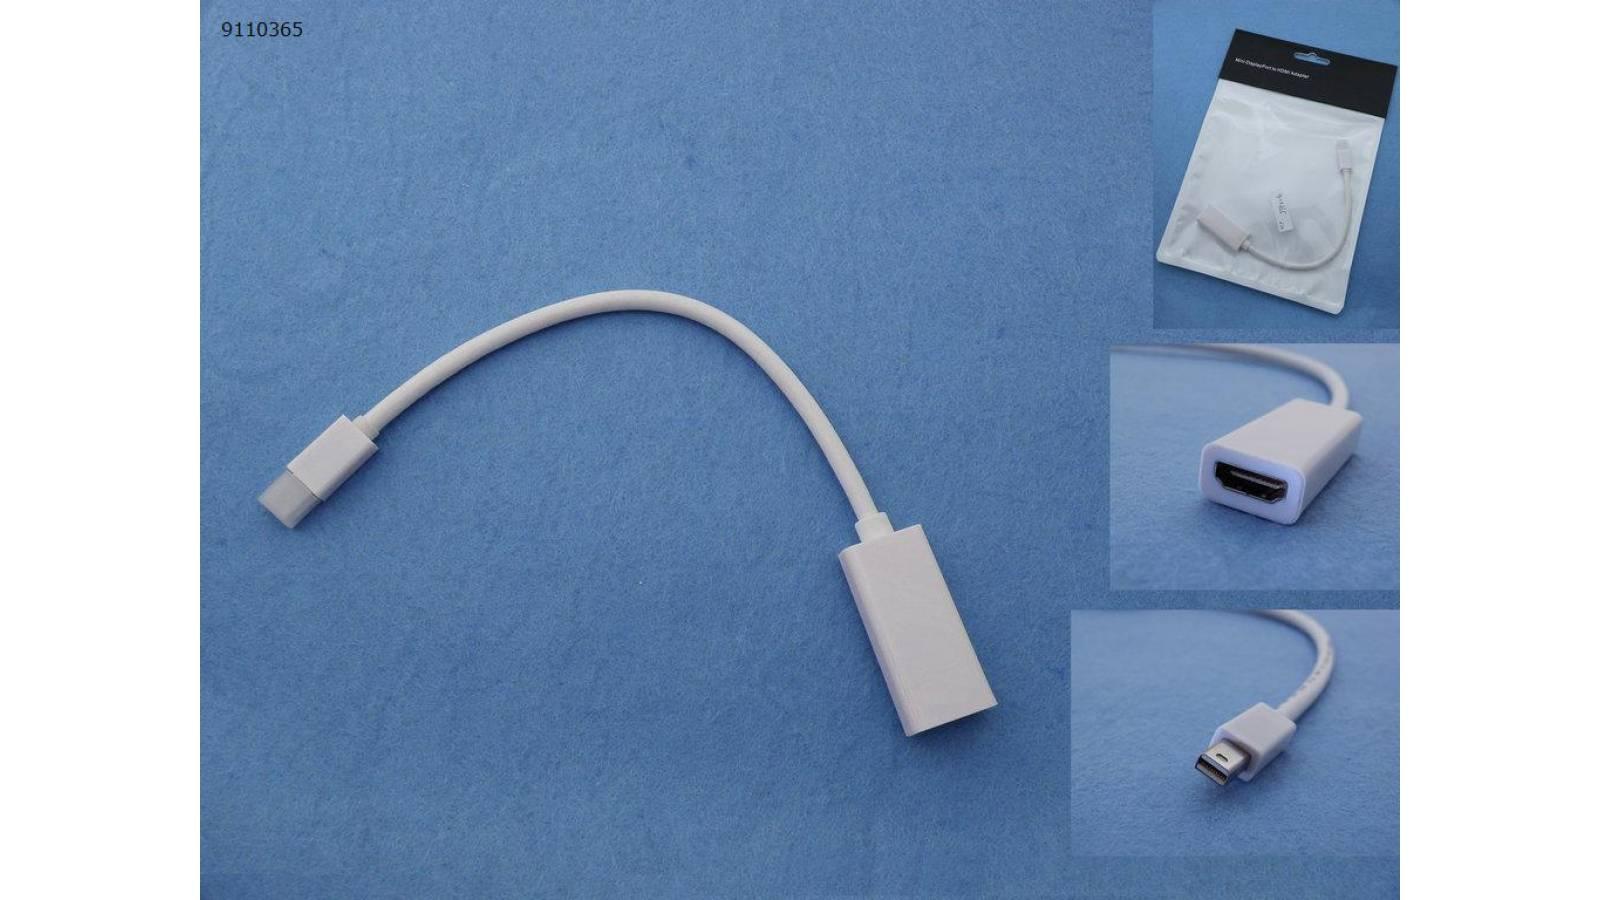 Adaptador Mini DISPLAY PORT a Hdmi hembra para Apple